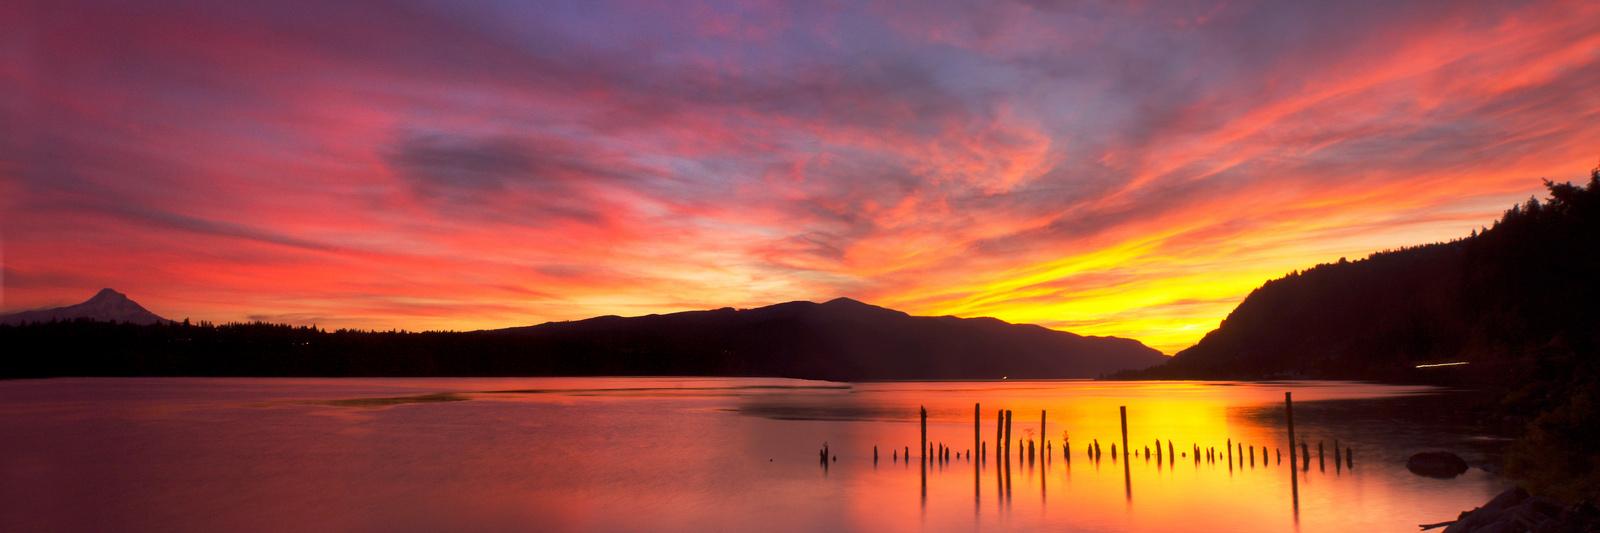 SunsetPano-1600x533-8241.jpg